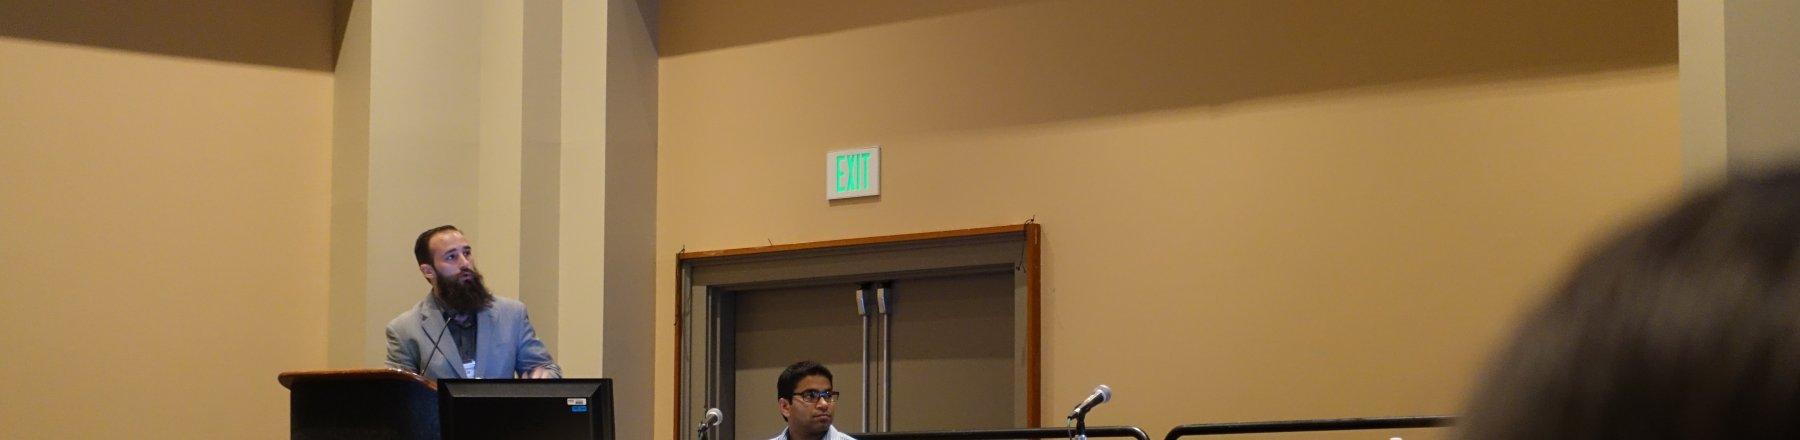 Chris Jacob presenting at ASTMH 2015. Credit: Victoria Cornelius.